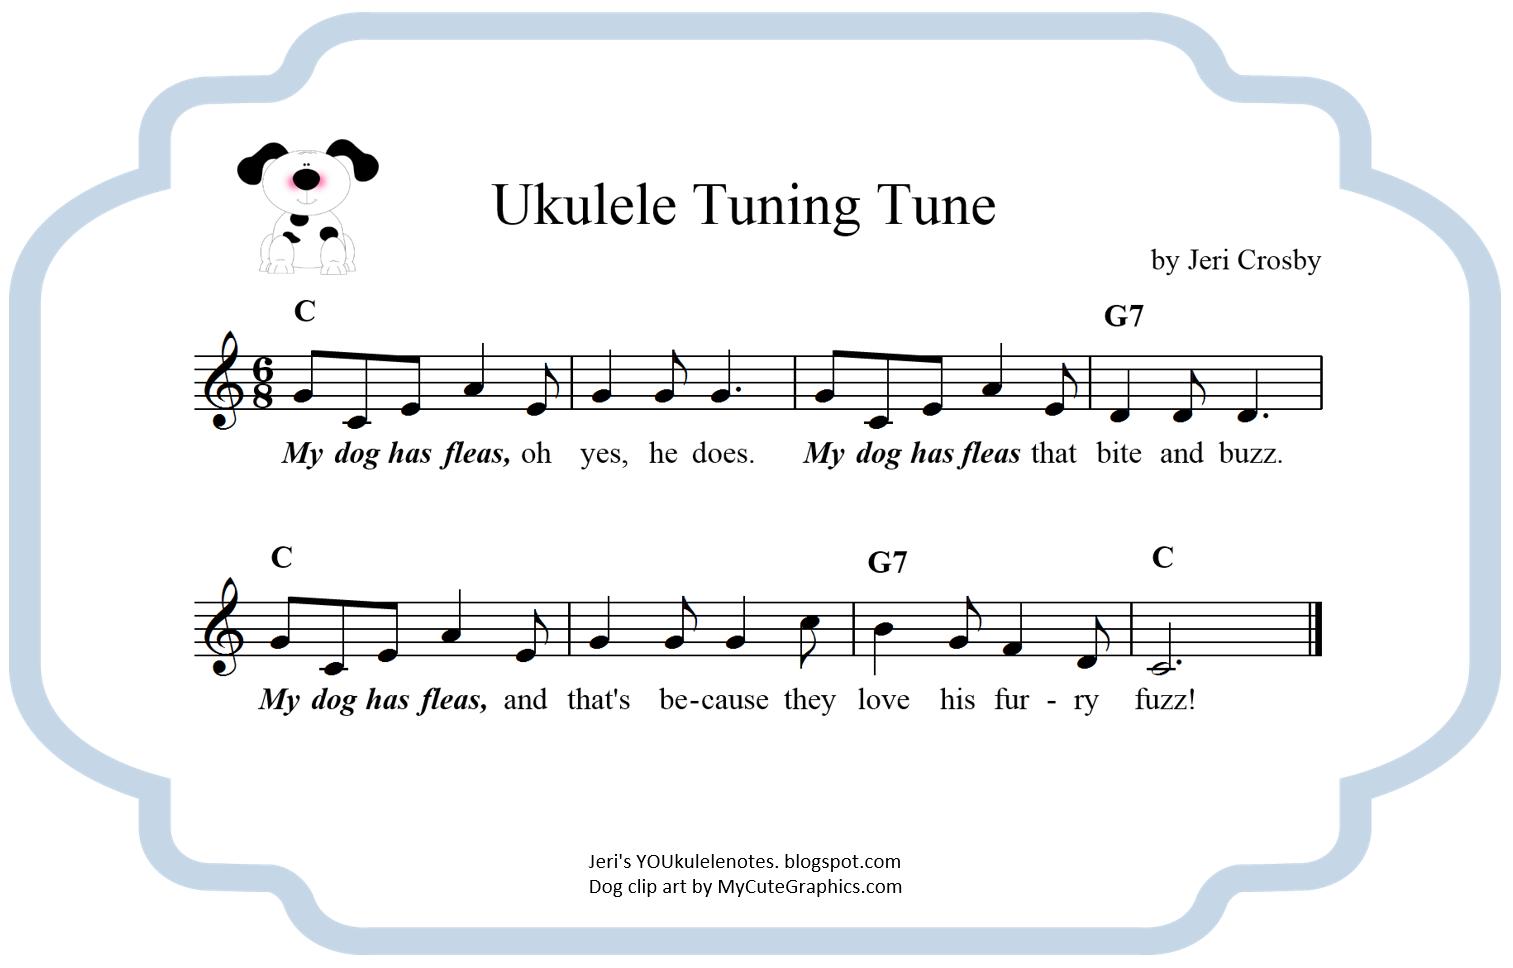 Jeris Youkulele Notes Youke Can Tune Ukulele Tuning Diagram Youtube Uke Tuner 2 Https Ukutunercom Pineapple Petes